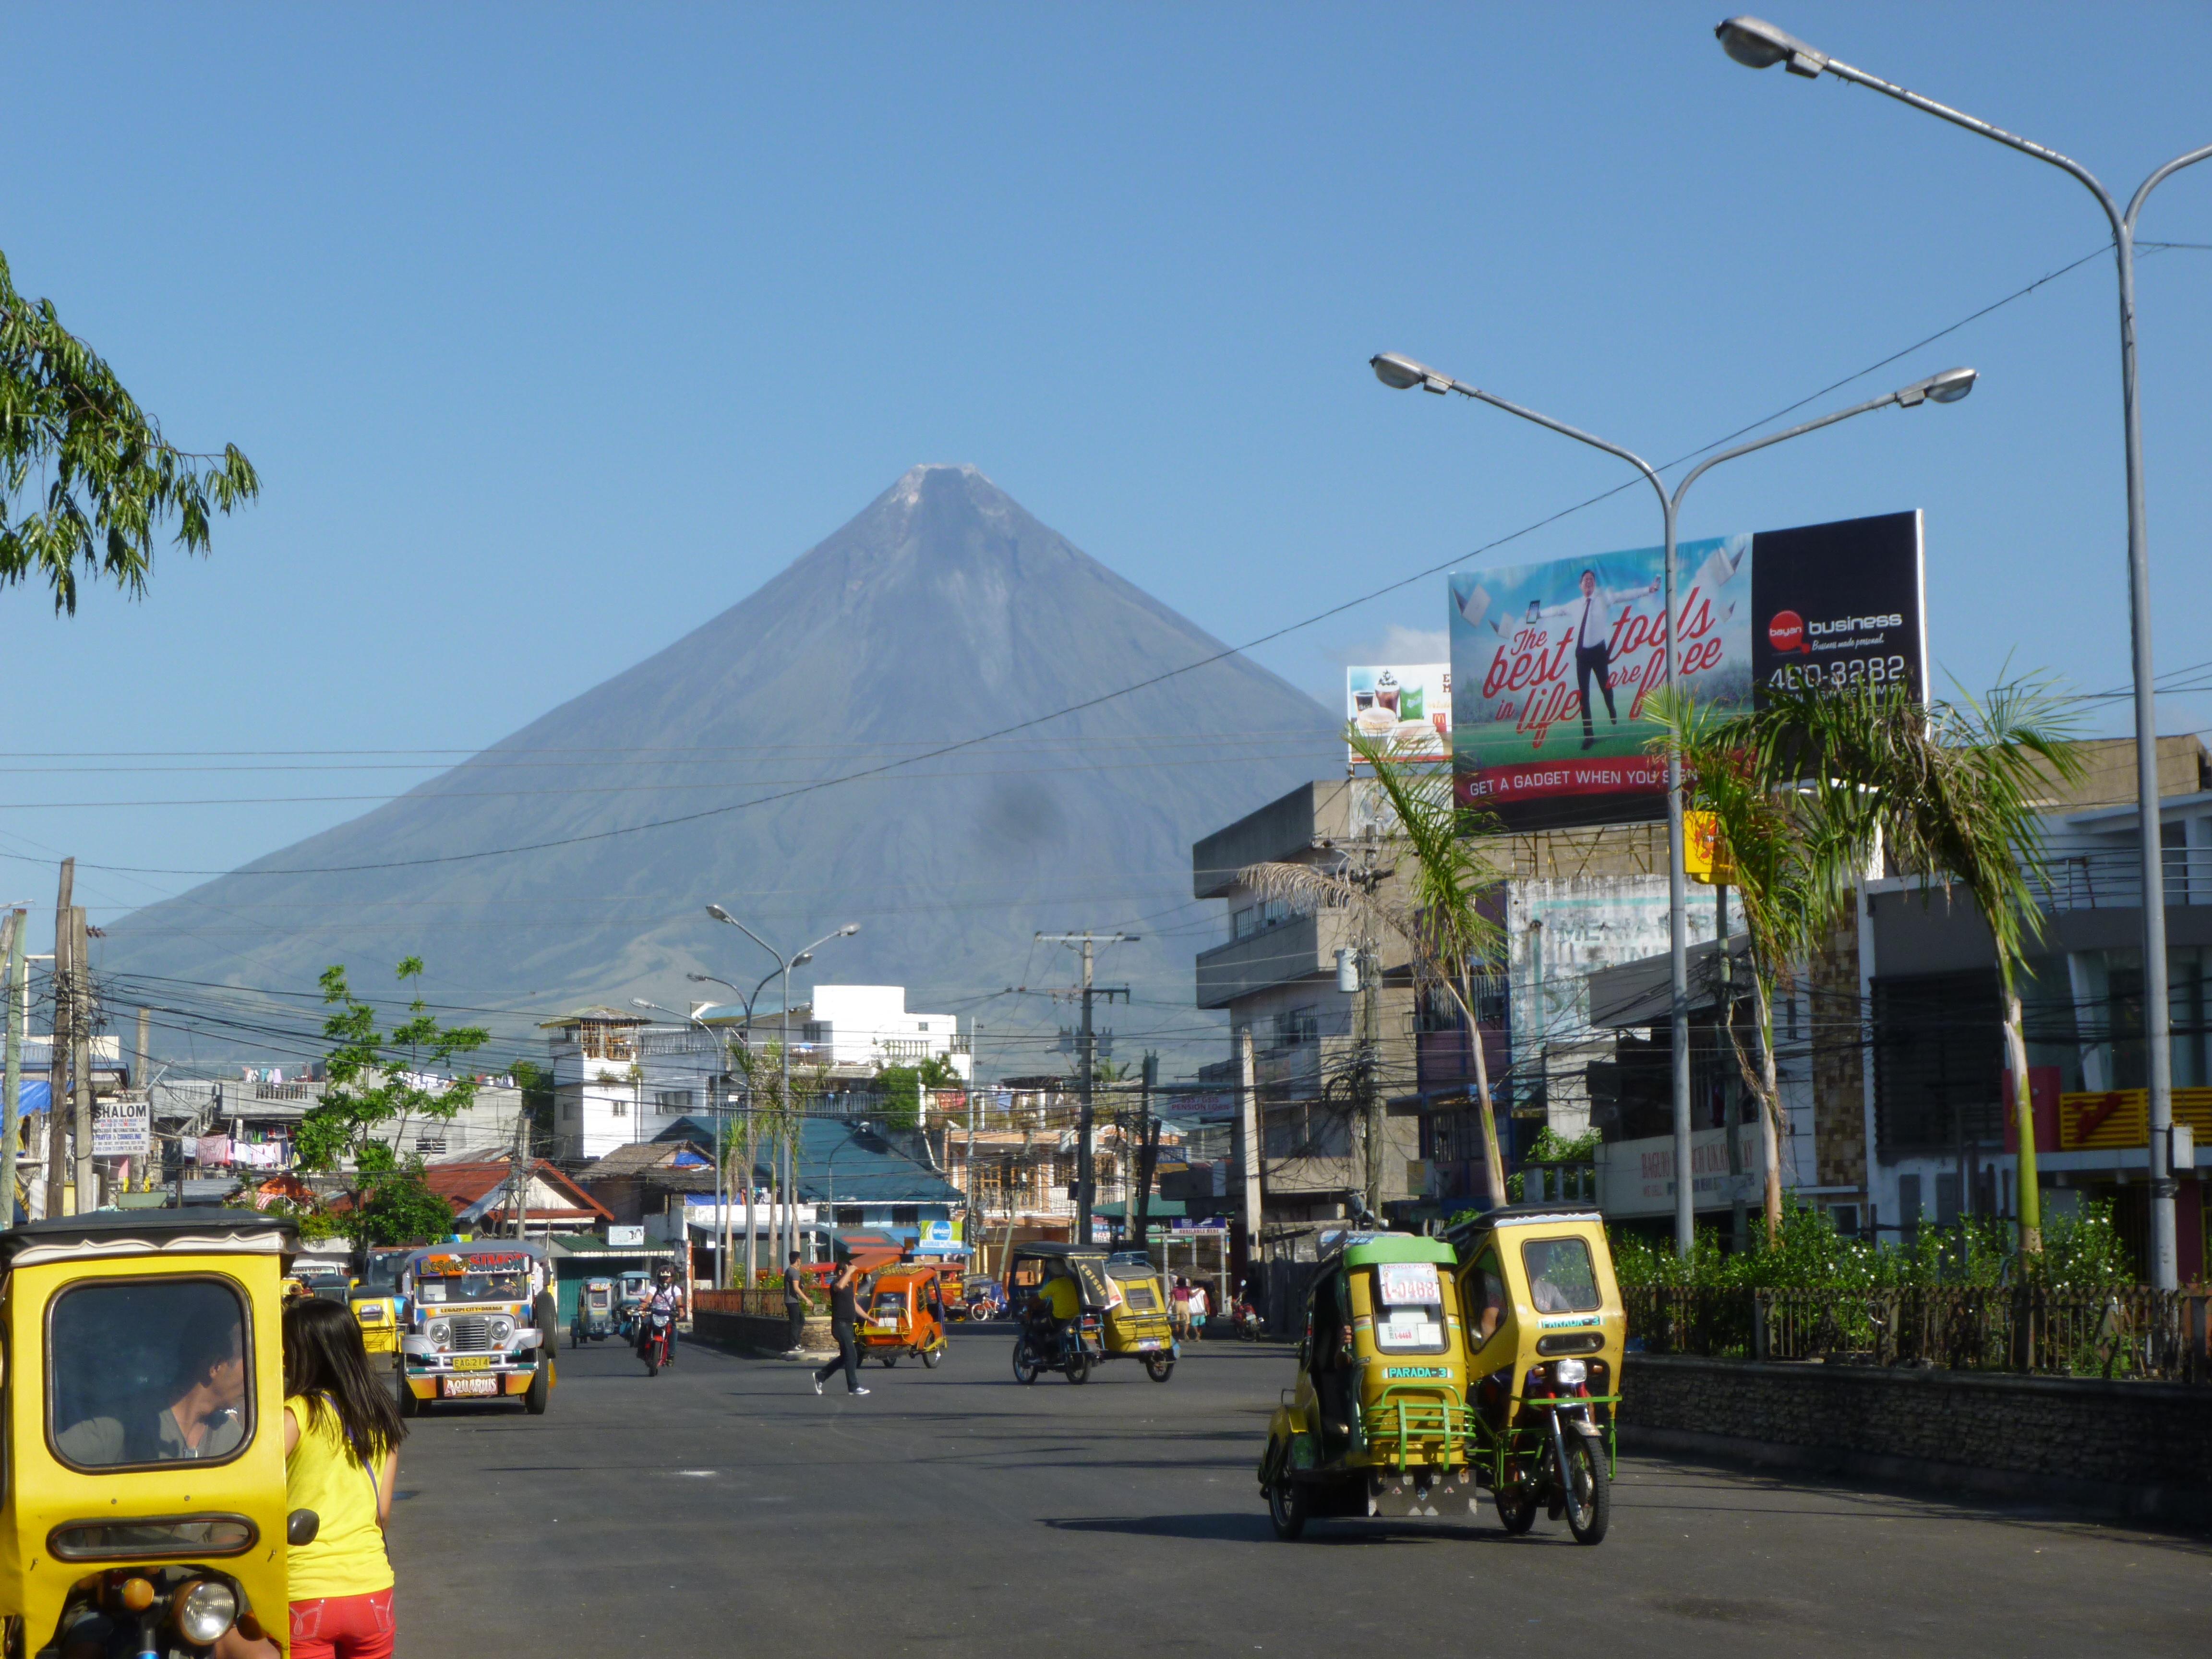 le Mayon, la perfection avec son écharpe de fumée au sommet...mais aussi imprévisible tueur d'hommes. Il est visible des 4 coins de Legaspi.